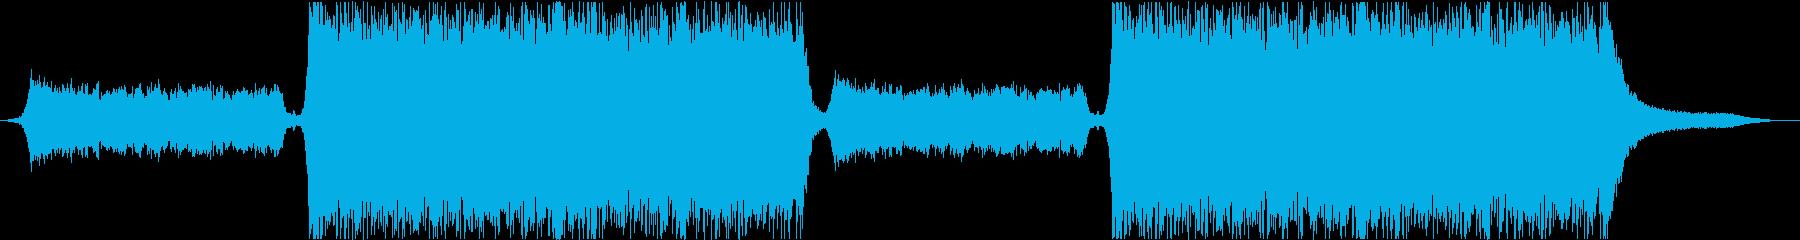 映画のCMの様な緊迫感のある楽曲の再生済みの波形